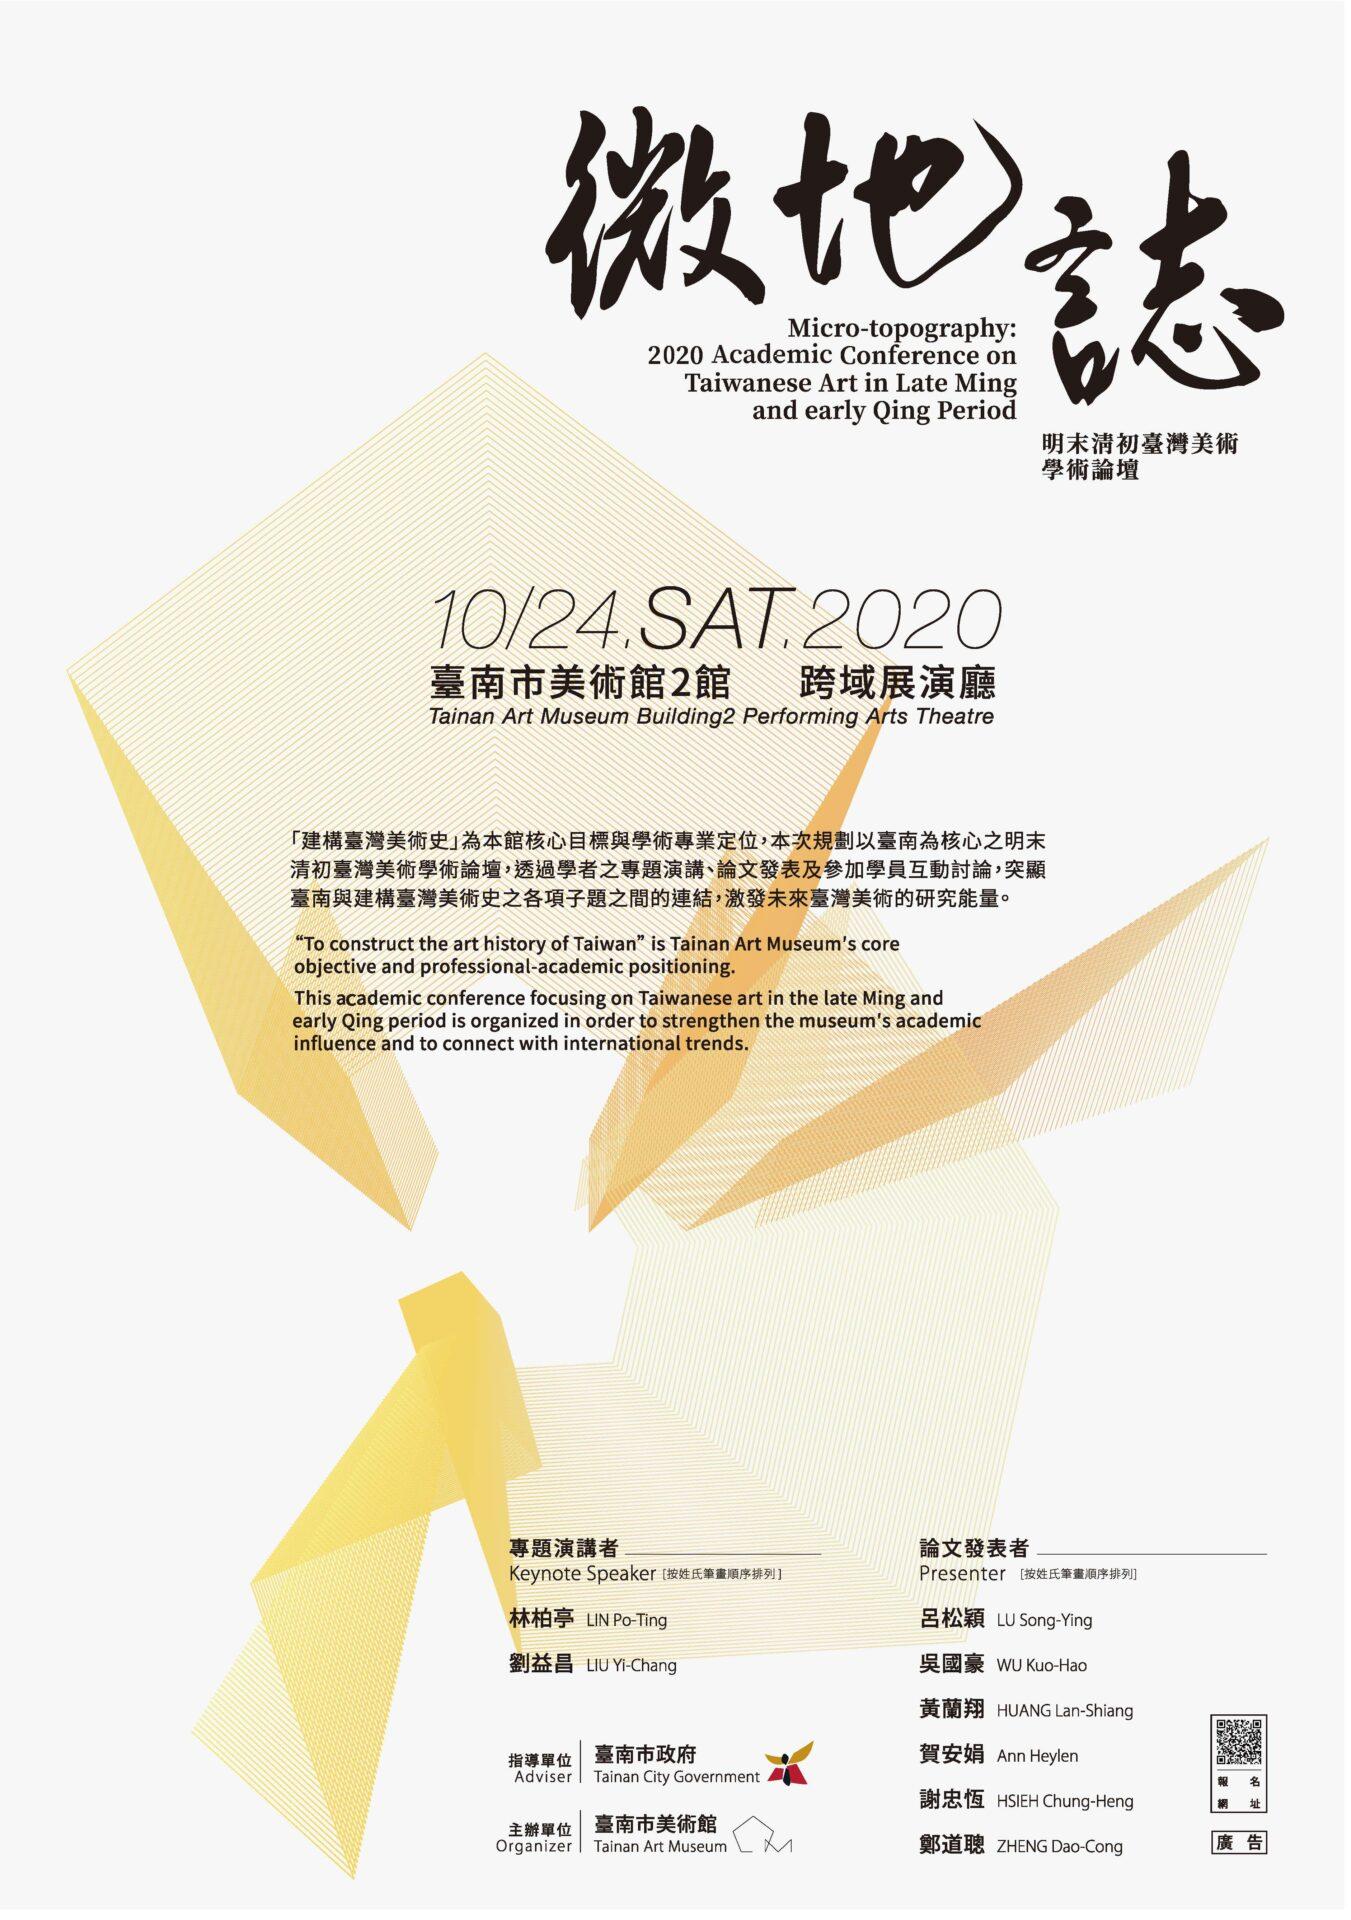 臺南市美術館:2020/10/24【微地誌─2020明末清初臺灣美術學術論壇】